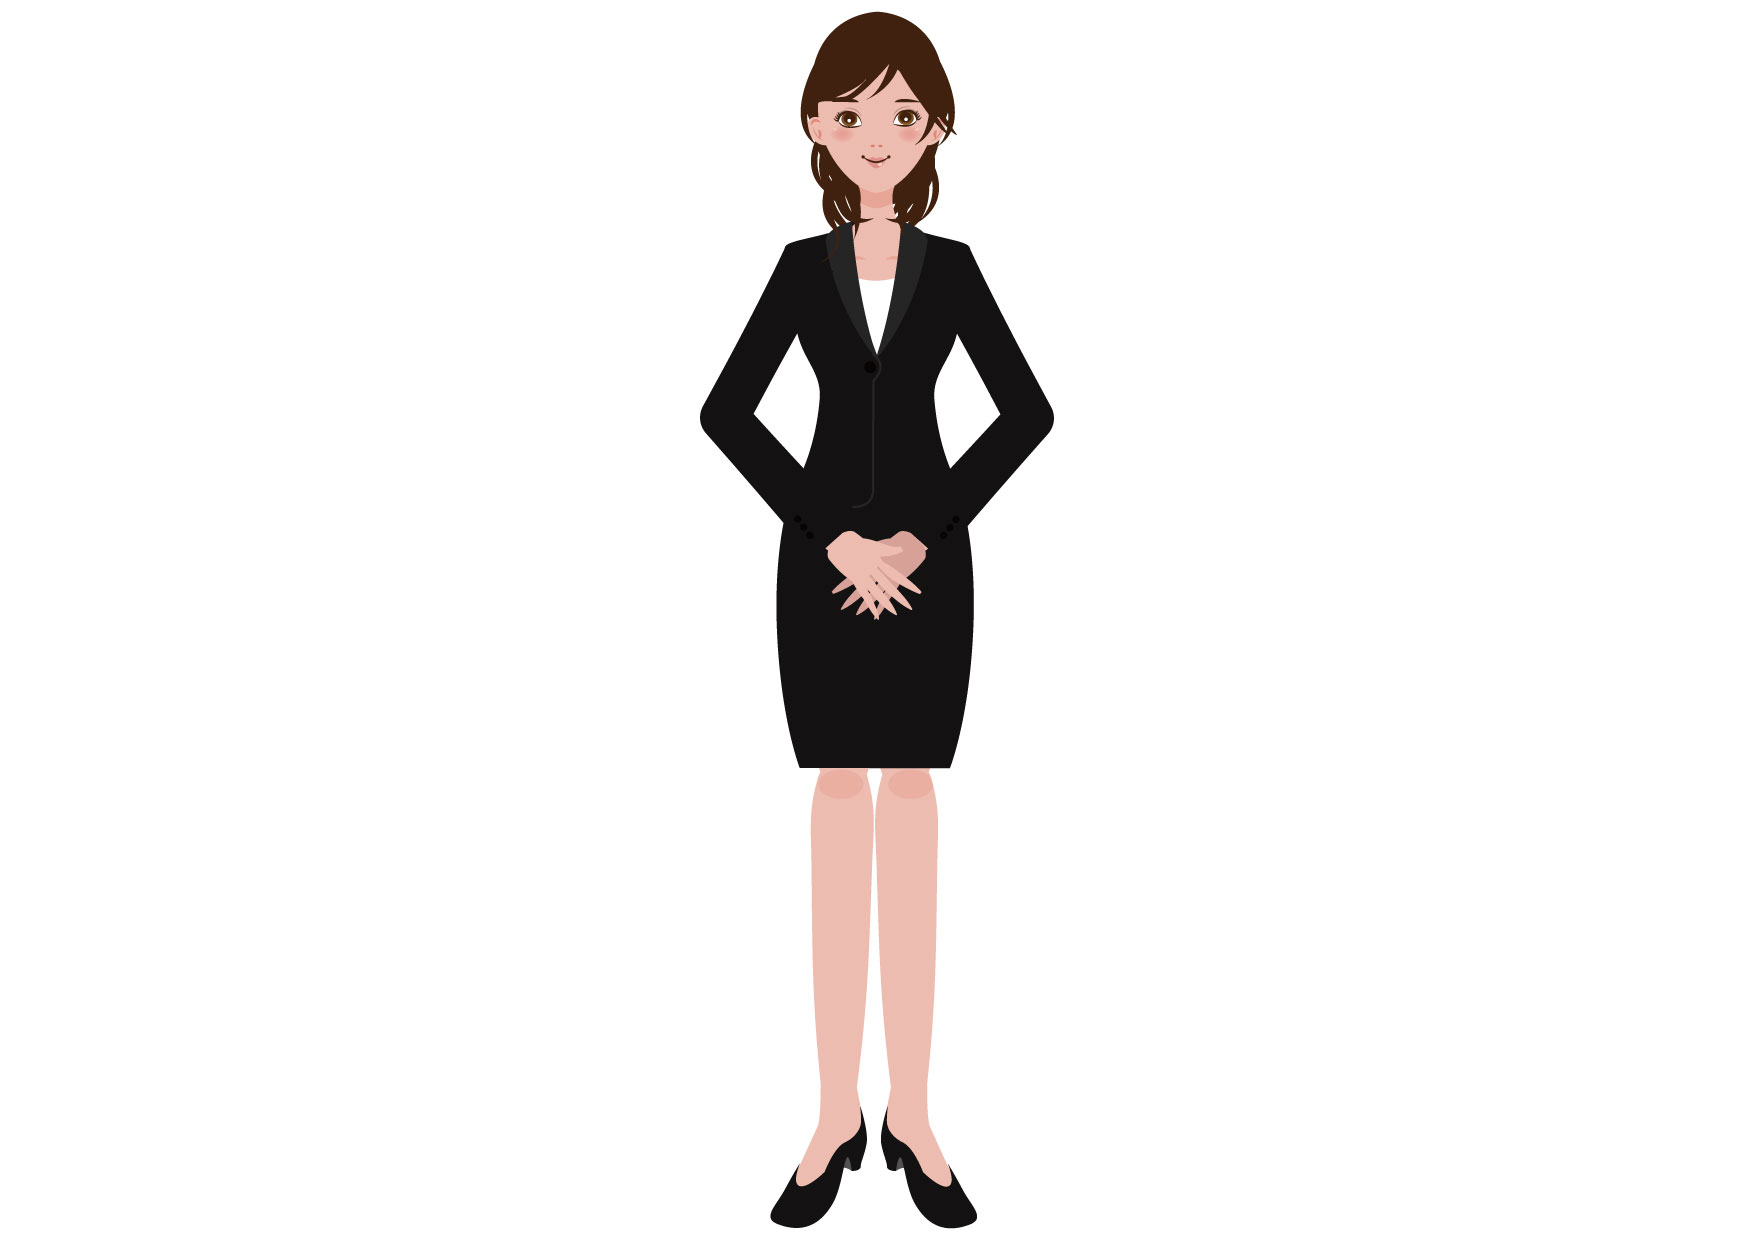 可愛いイラスト無料|女性 スーツ OL ポーズ 手 全身 − free illustration Female suit pose hand whole body